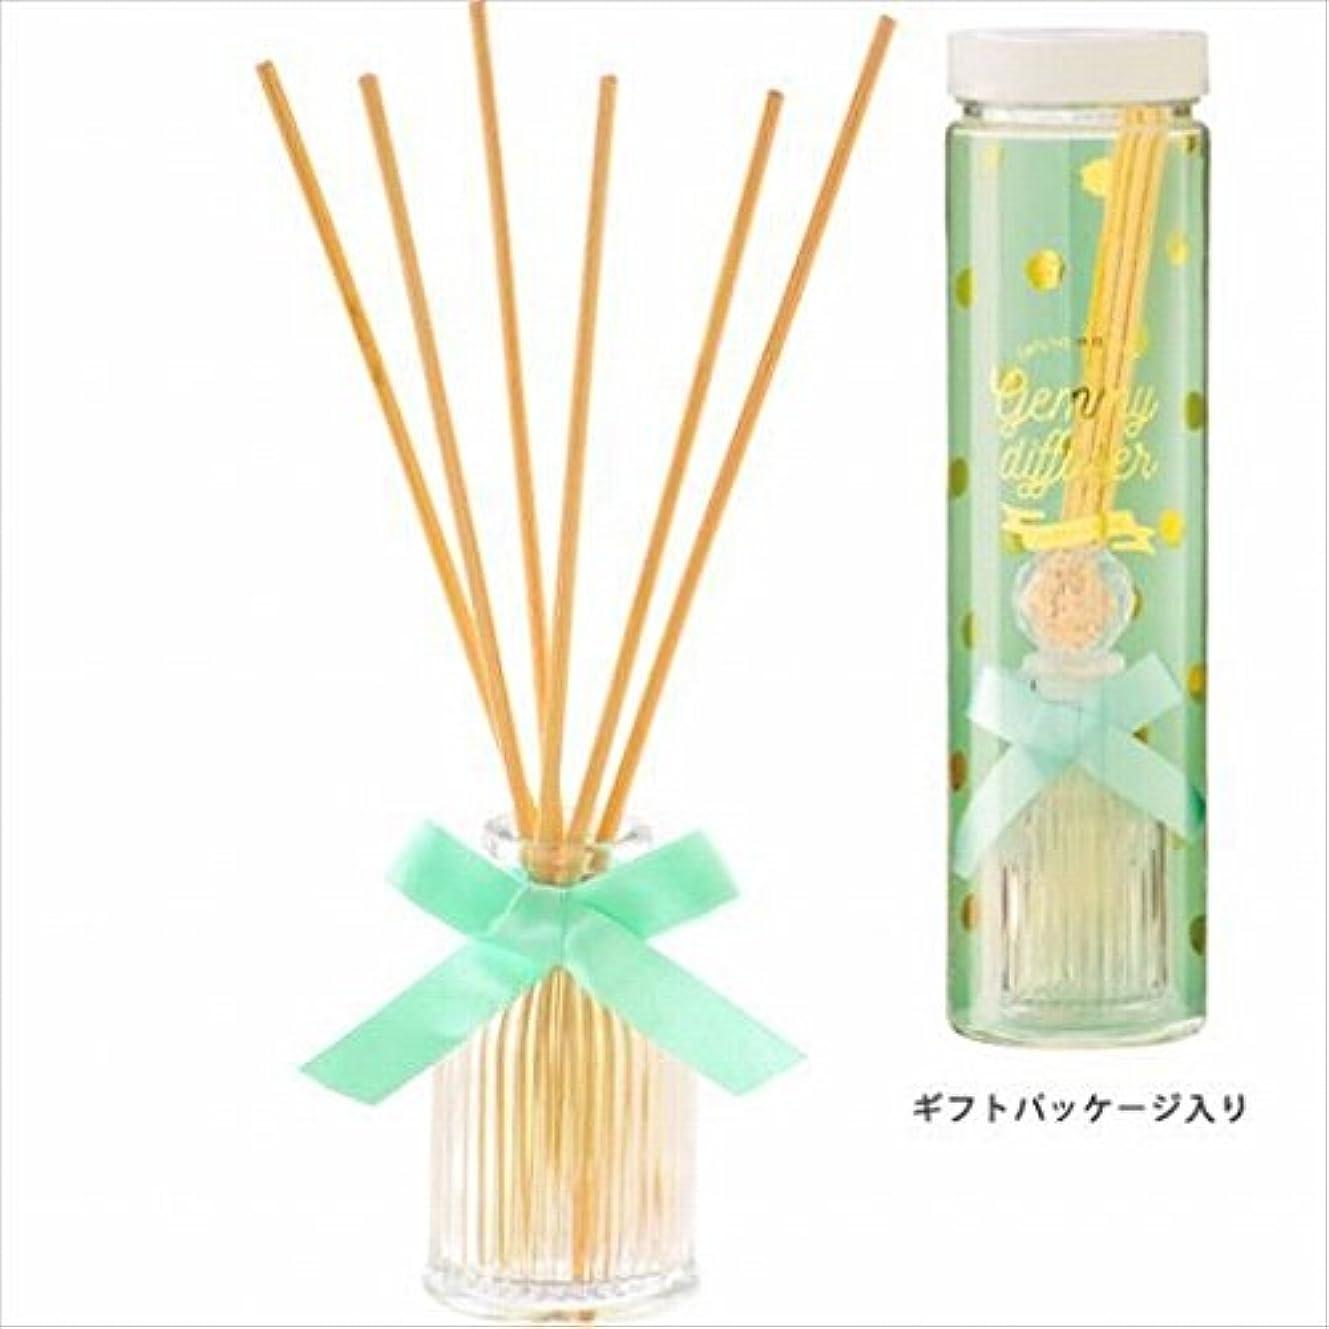 宿泊灌漑パーセントkameyama candle(カメヤマキャンドル) GEMMY (ジェミー) ディフューザー 「 タイム 」6個セット(E3280510)